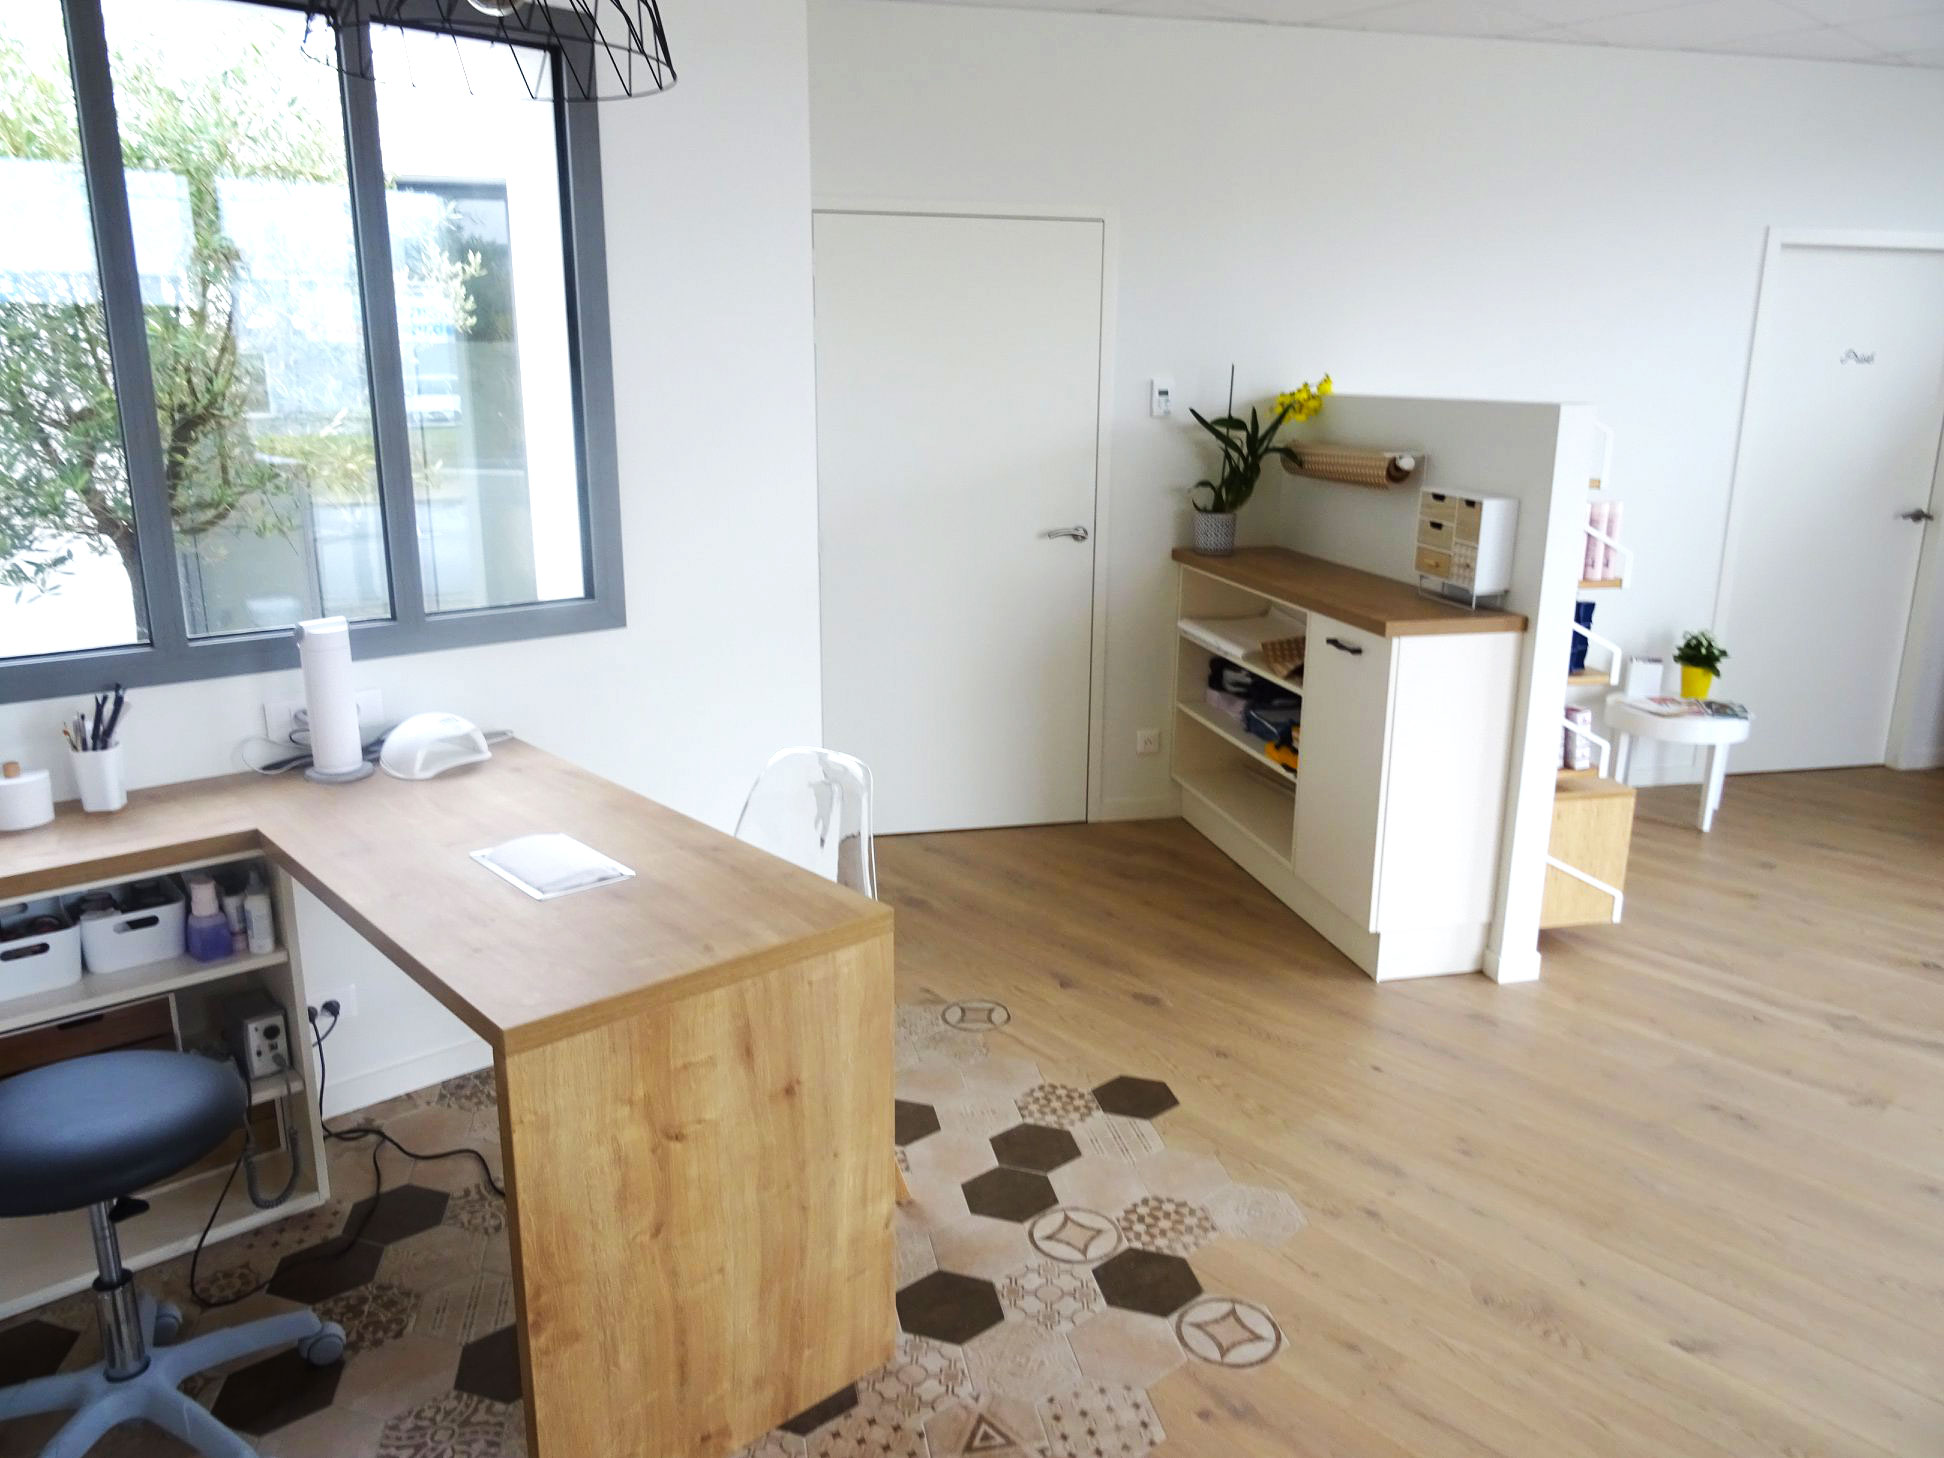 Institut-de-beaute-ParentAize-Amenagement-interieur-sur-mesure-boutique-agencement-G-Viaud-Aizenay